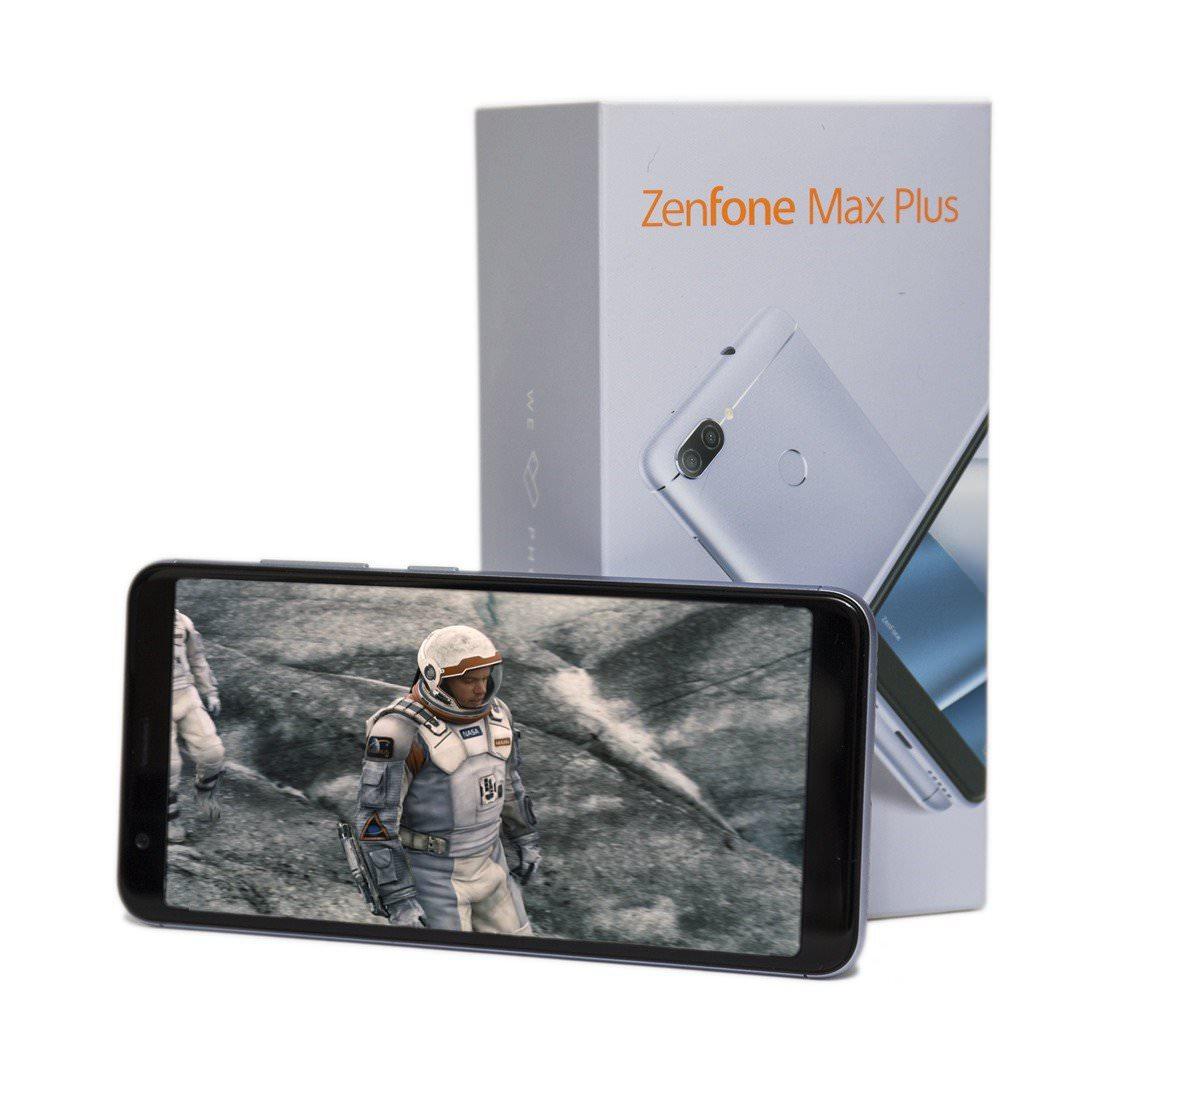 全螢幕電力怪獸!廣角雙鏡頭! ASUS ZenFone Max Plus (M1) 輕鬆入手免七千!